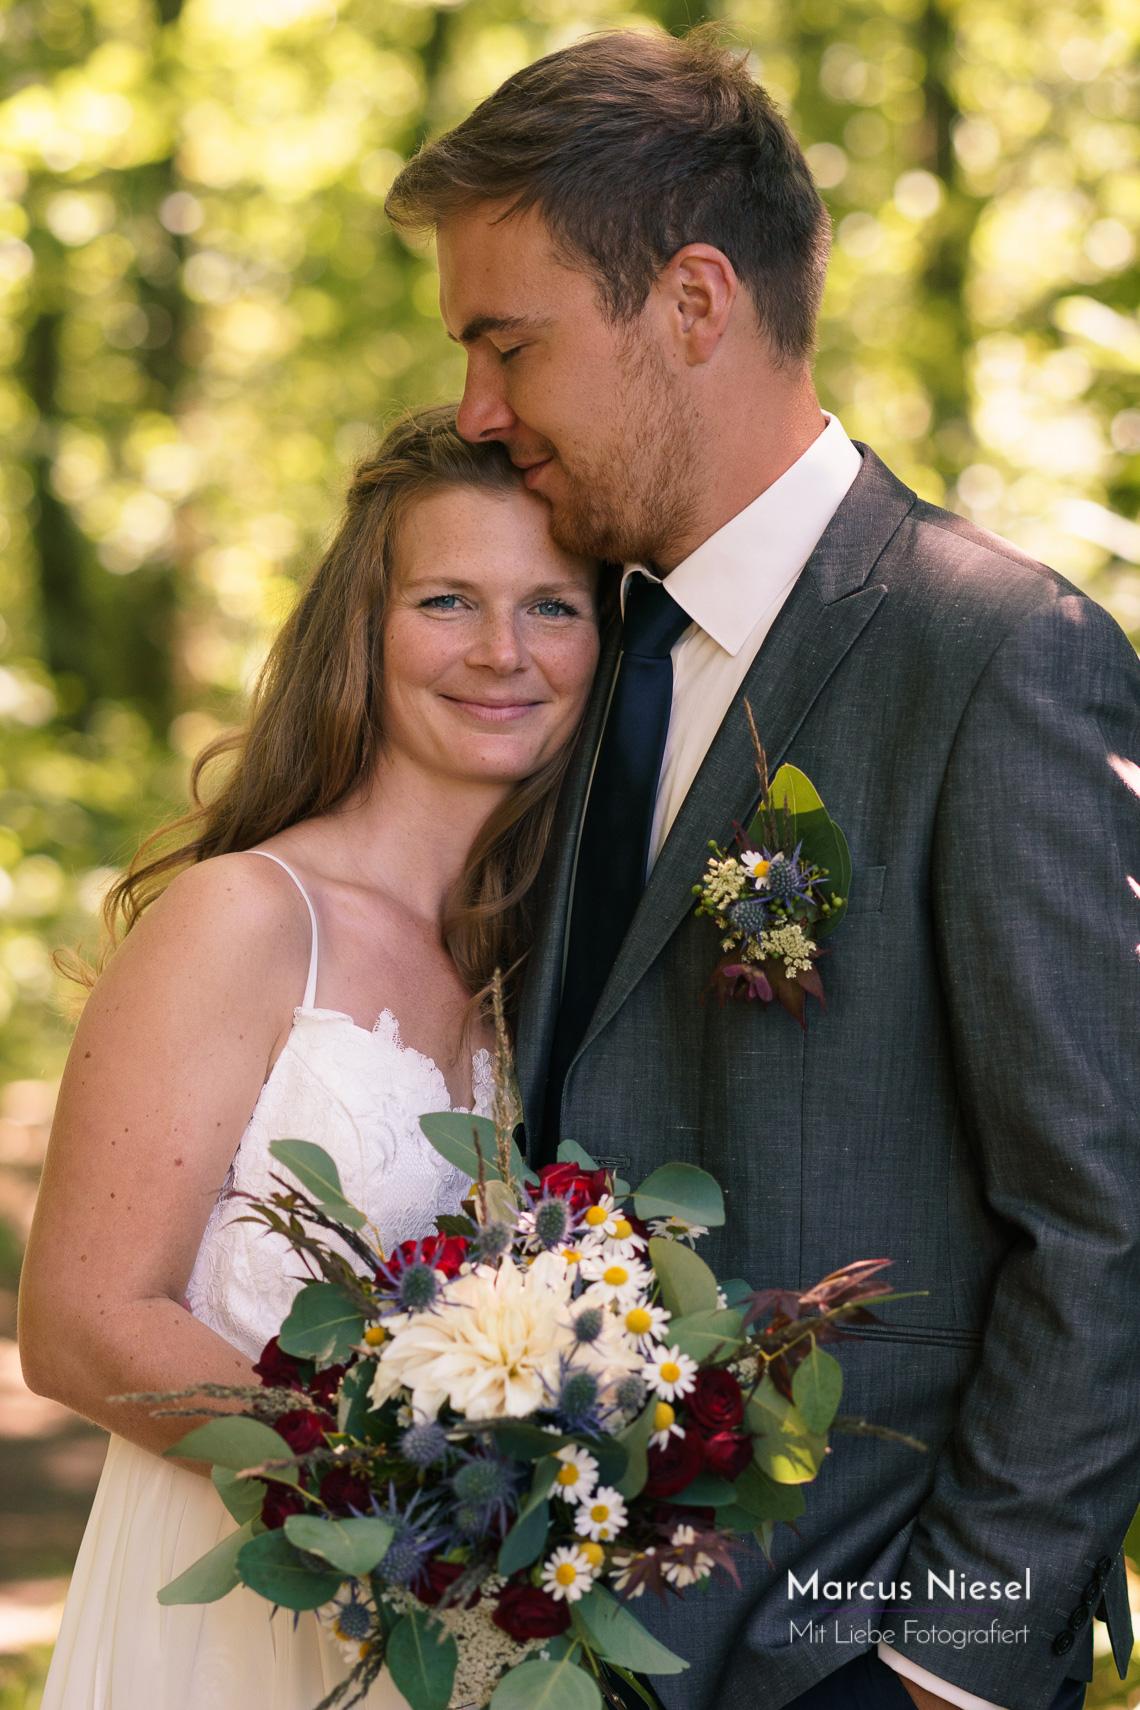 Das Brautpaar nutzt das Fotoshooting für ein paar letzte ruhige Minuten vor ihrer Hochzeit.